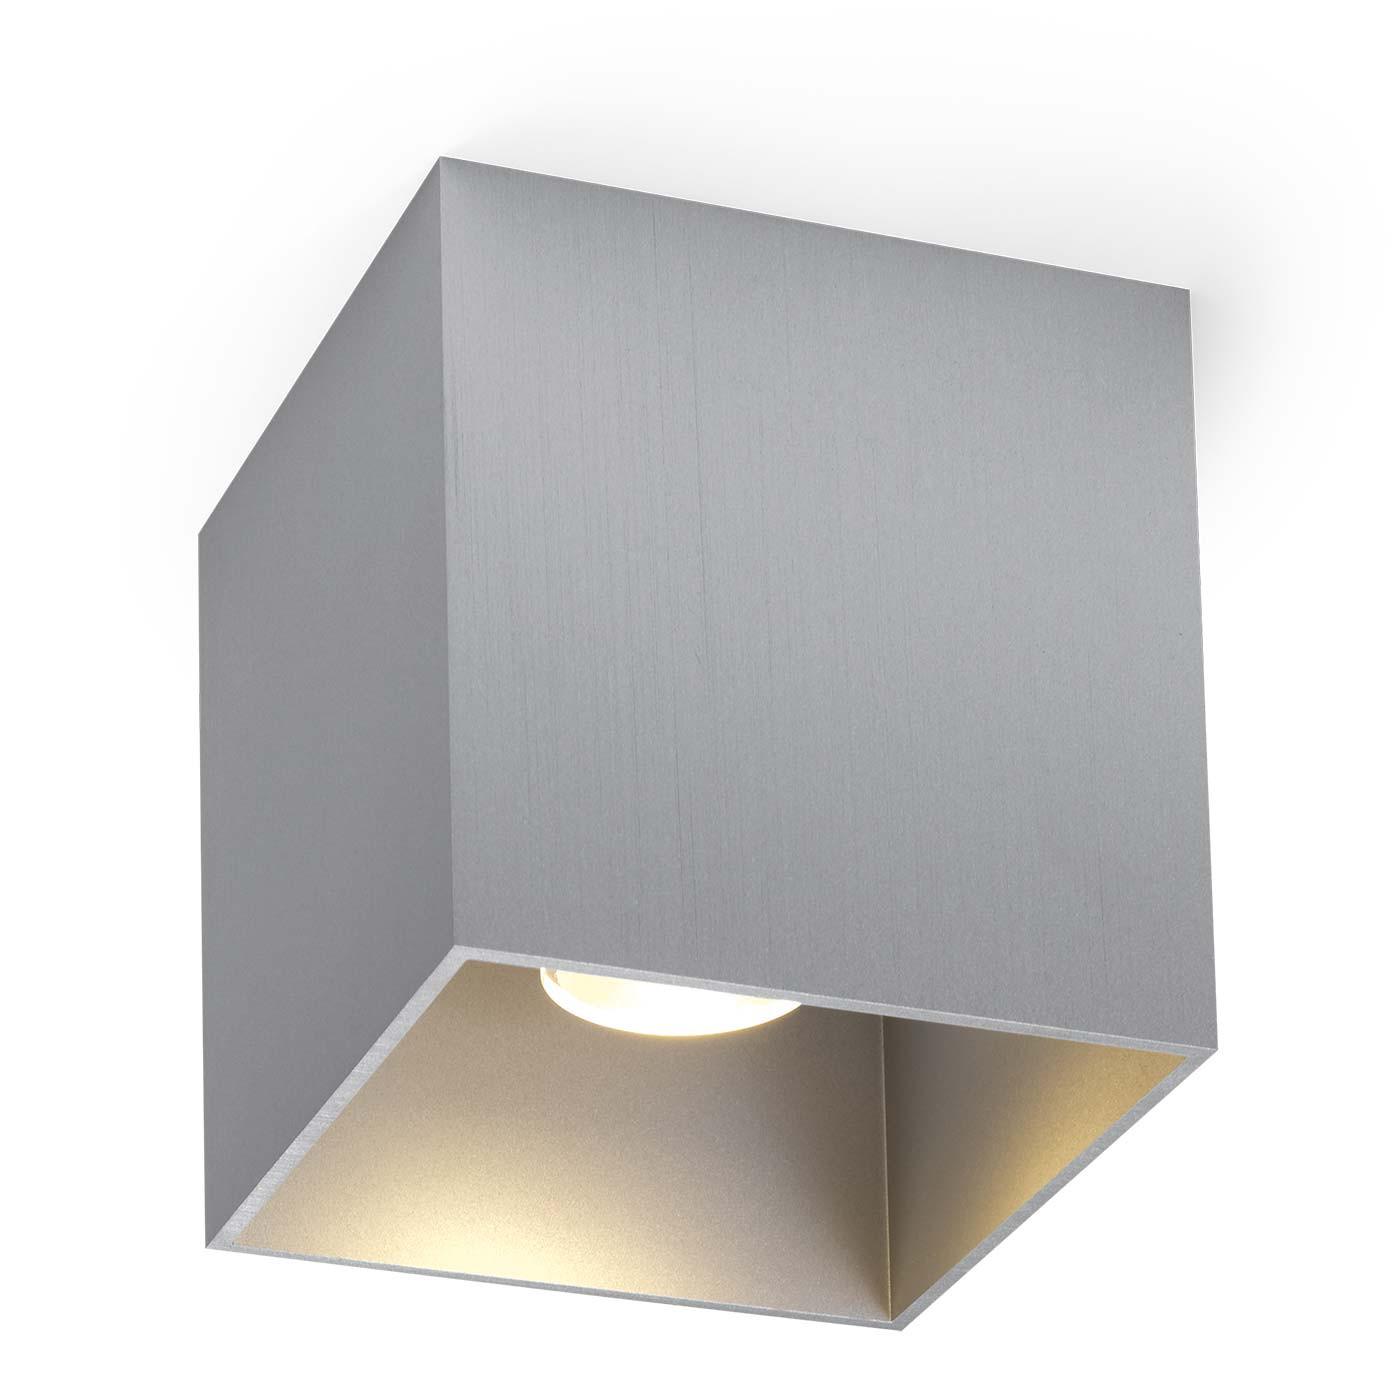 Wever & Ducré Box 1.0 Plafonnier 3000K